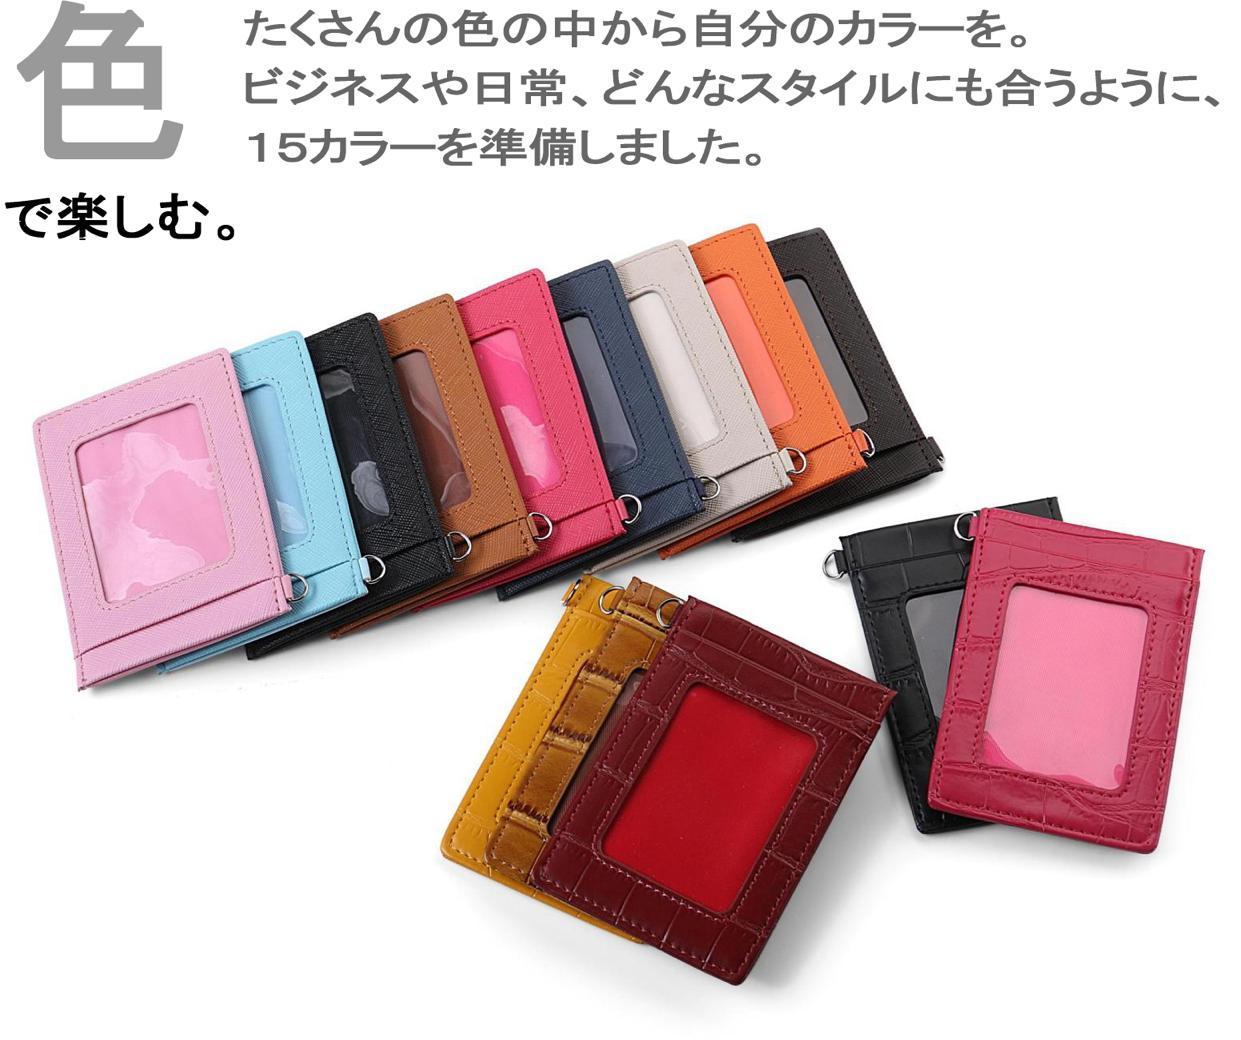 色で楽しむ。14色のパスケース。